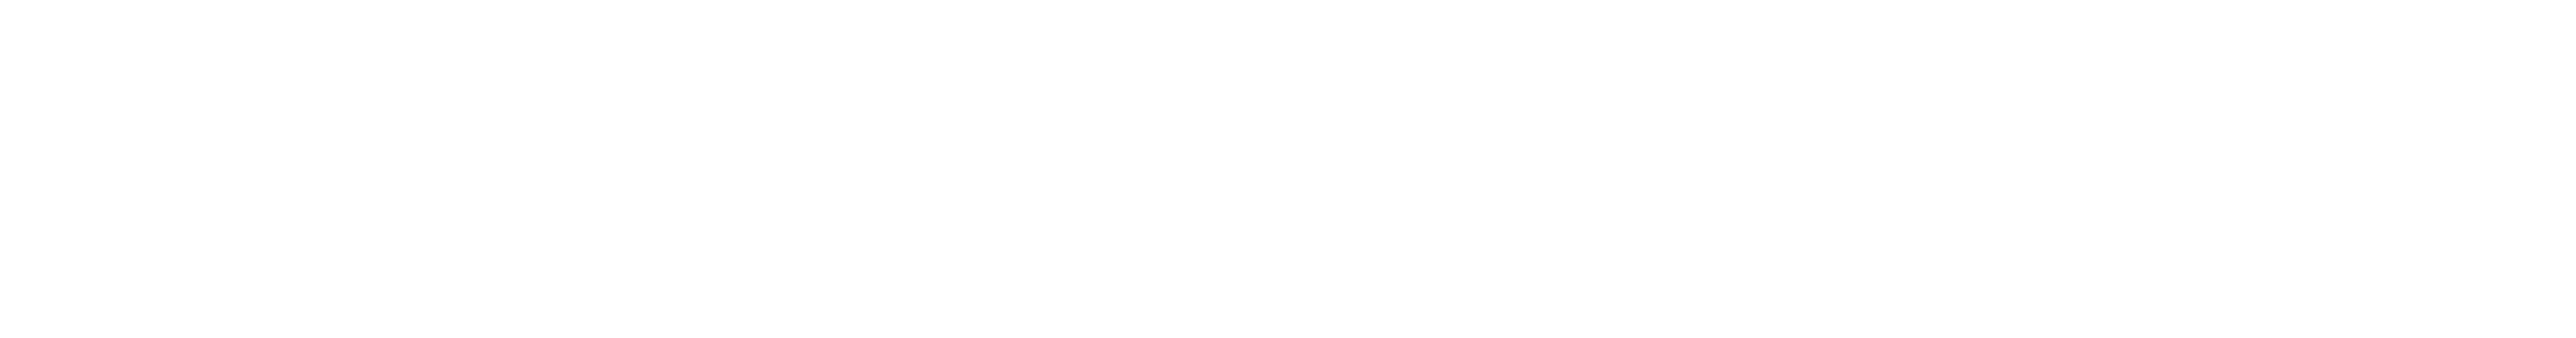 Los Angeles Shipping Company, Shipping company, shipping services, los angeles customs broker, customs broker los angeles, import customs clearance, los angeles freight forwarder, freight forwarder los angeles, free shipping quote, freight logistics, cargo logistics, international shipping, ata carnet, international air freight forwarding